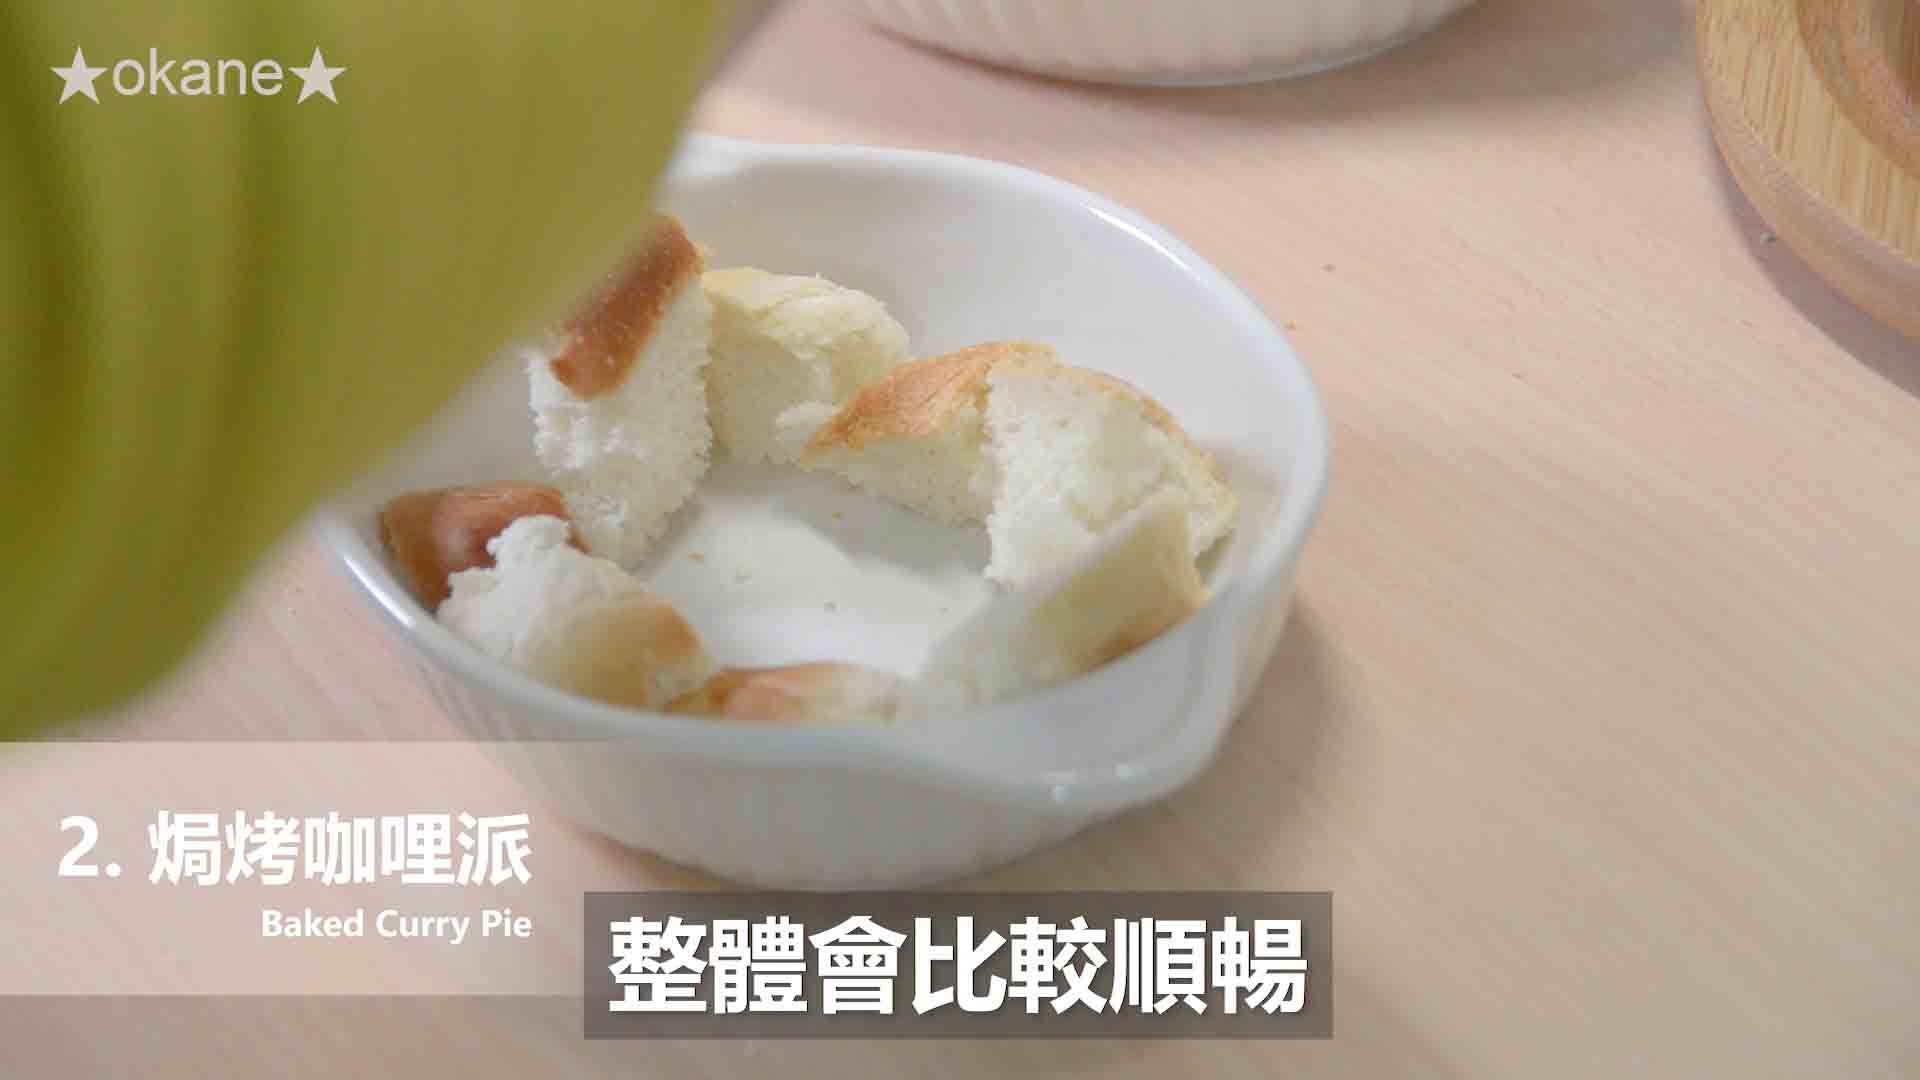 日系S&B金牌(純素)咖哩✨跨界蔬食的美味驚艷的第 27 張圖片